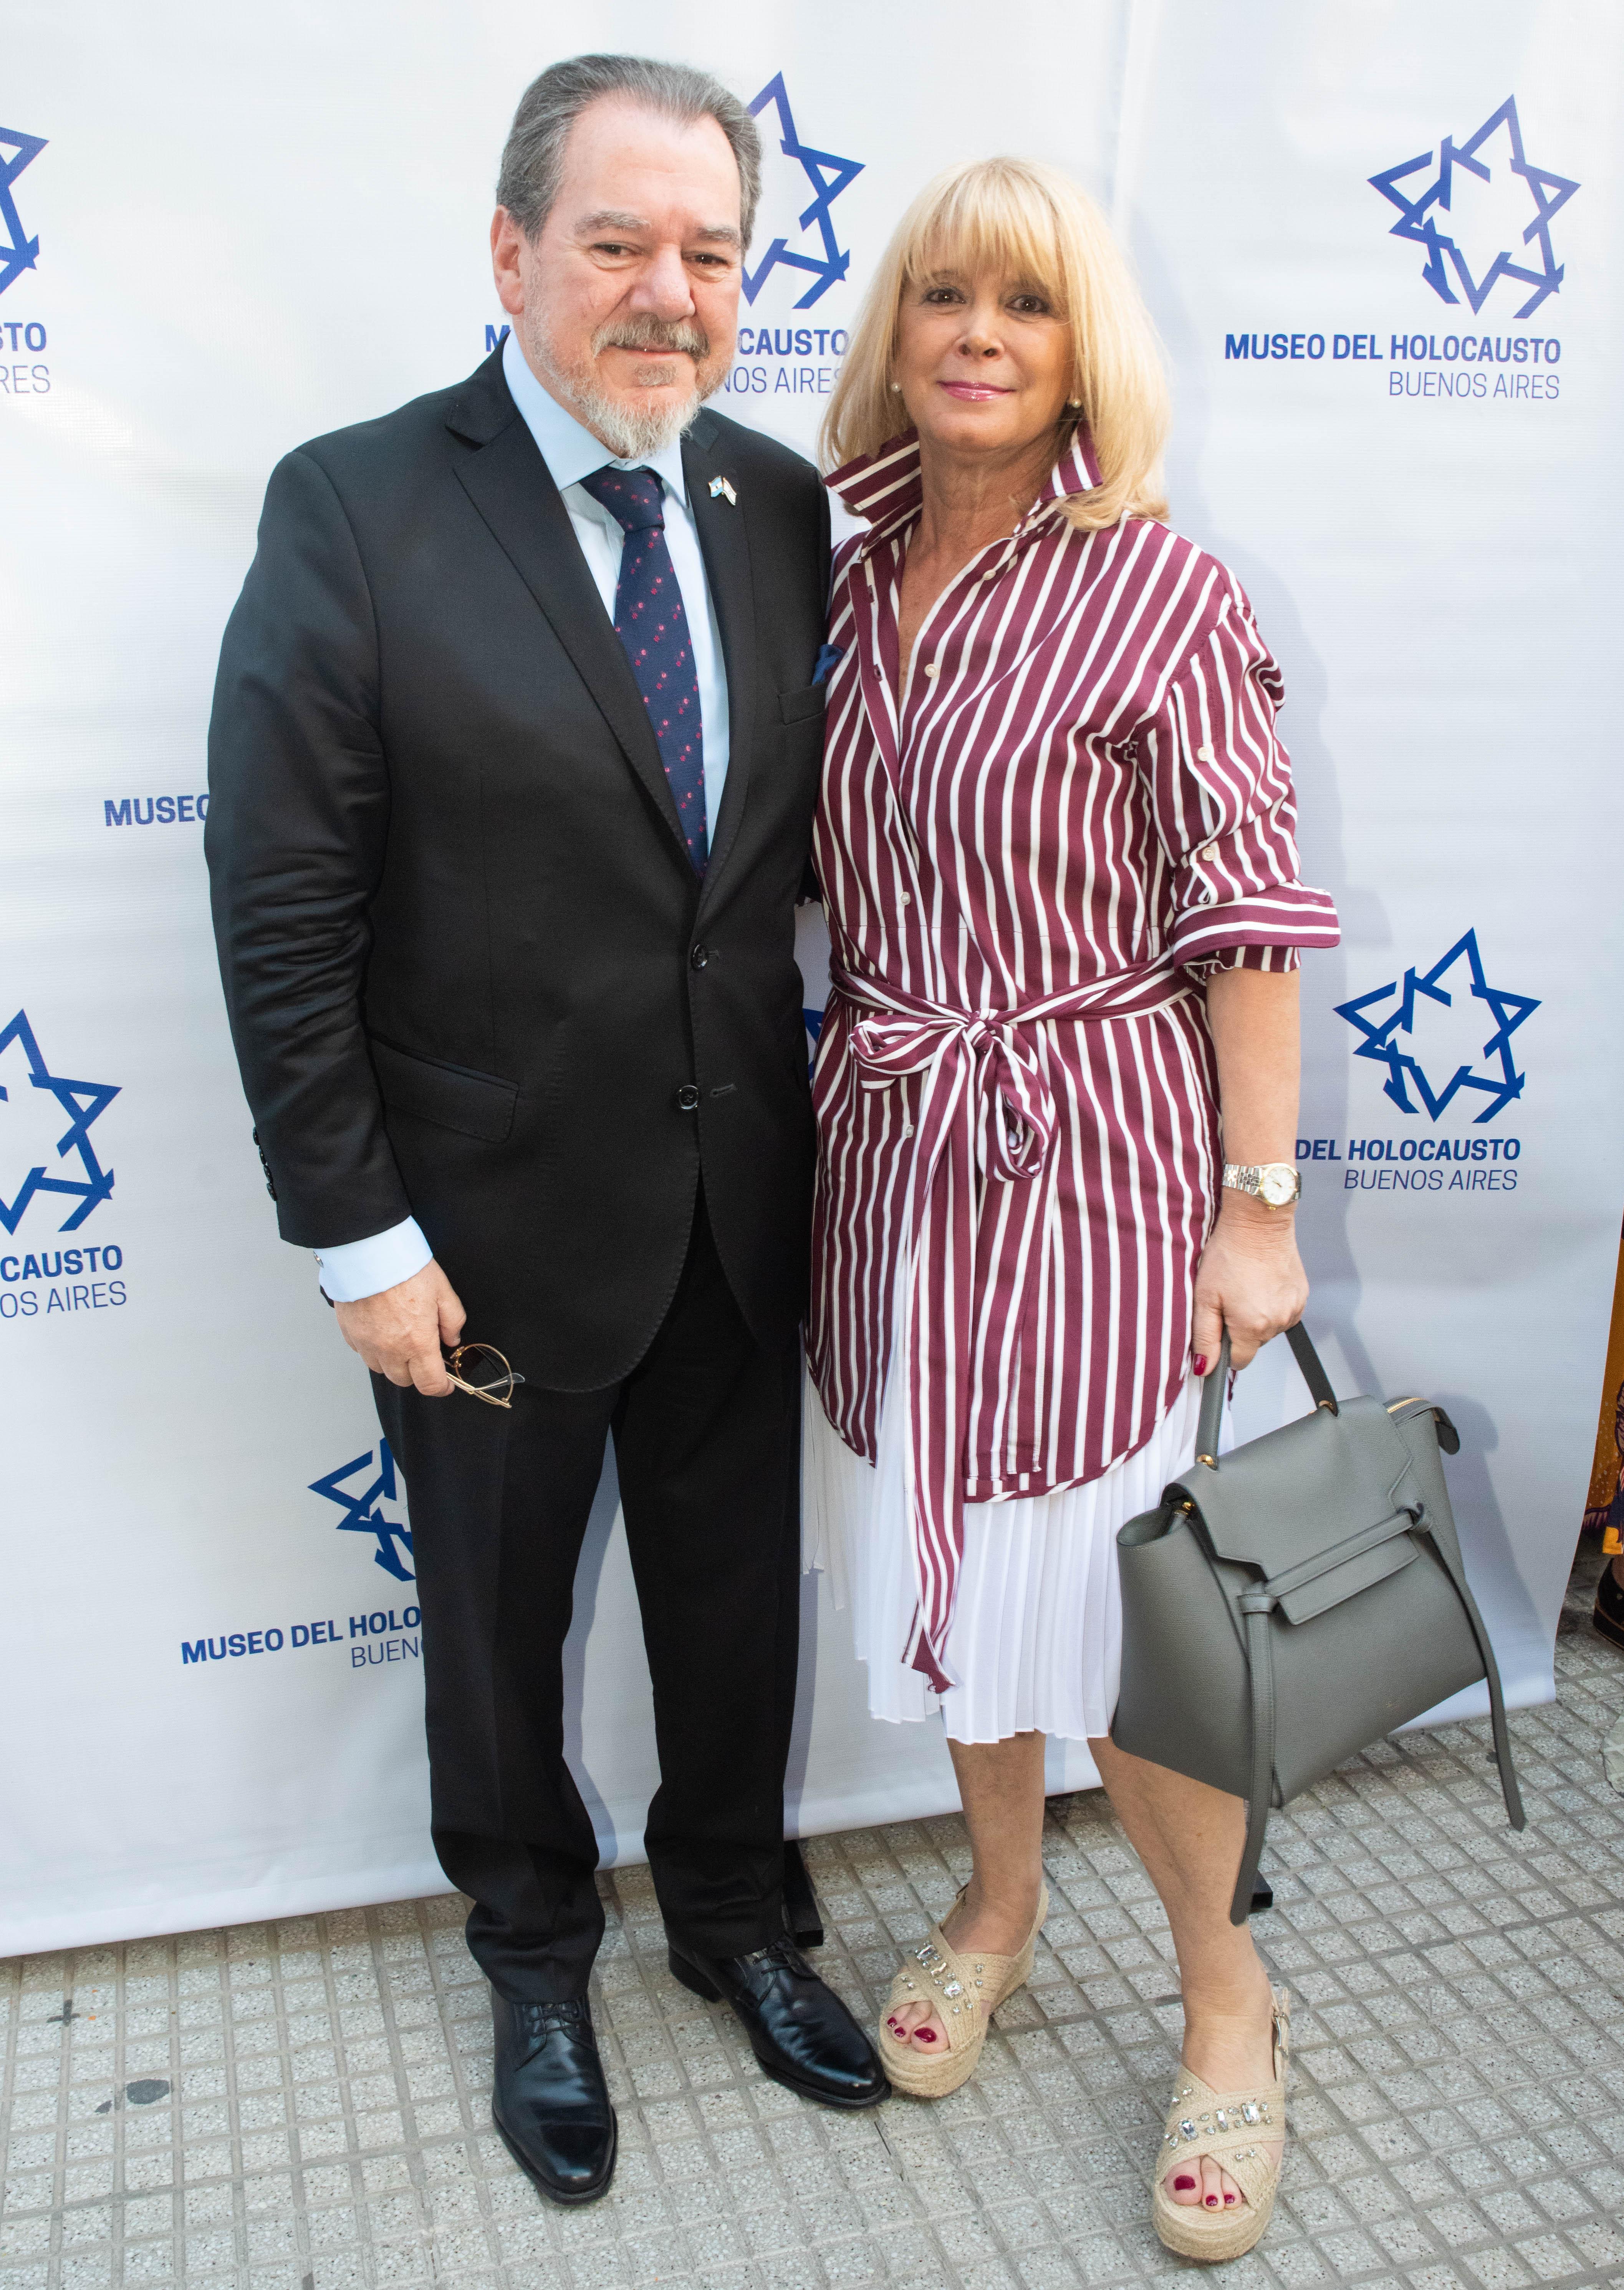 El presidente de la Cámara Empresarial Argentina Israelí, Mario Montoto y Claudia Spinelli